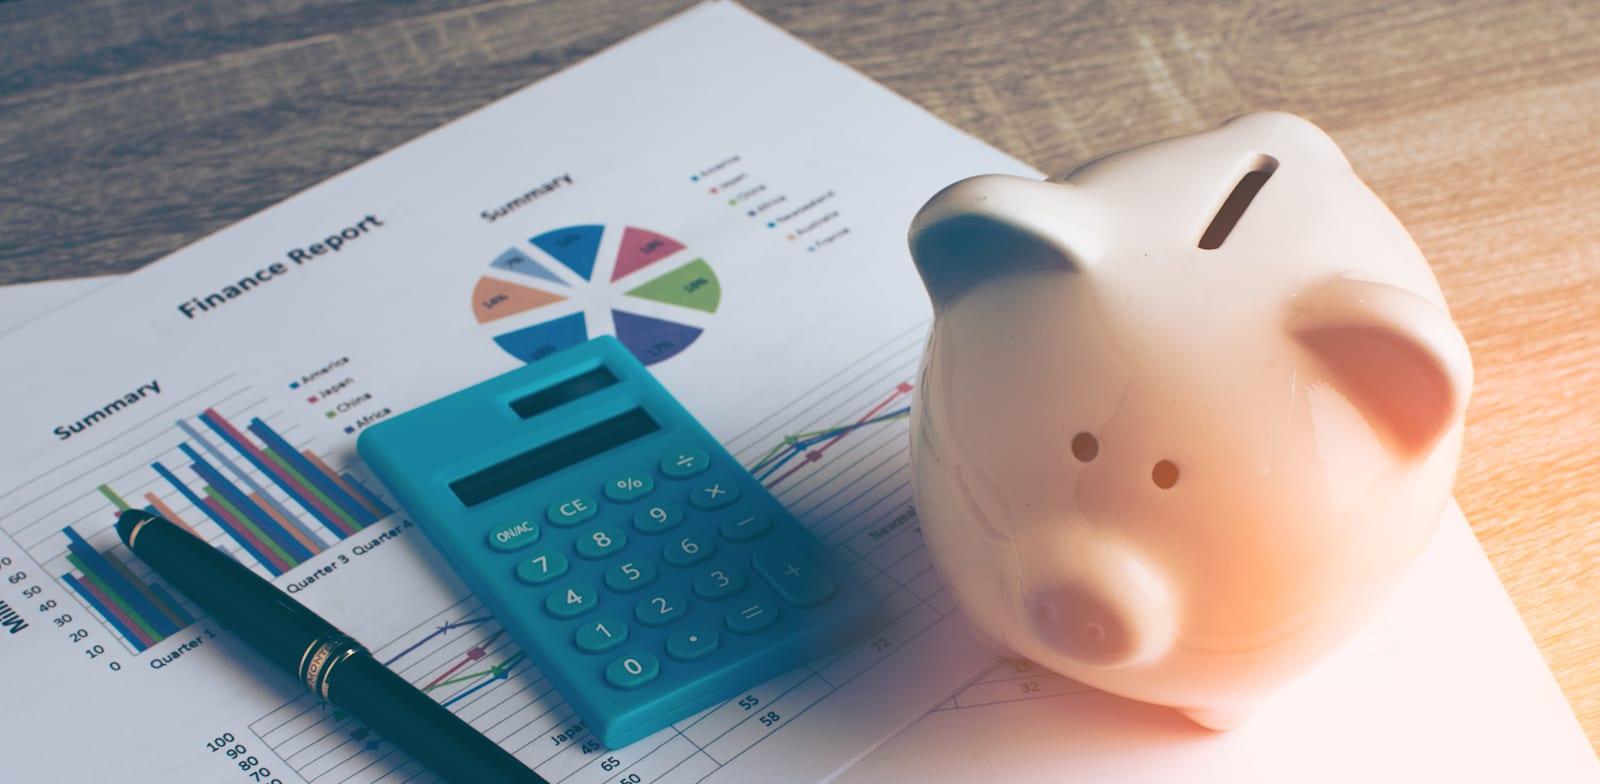 החזרת הטבות המס לחיסכון תסייע לבלימת המגמה של מחירי הדיור / צילום: Shutterstock, jesterpop